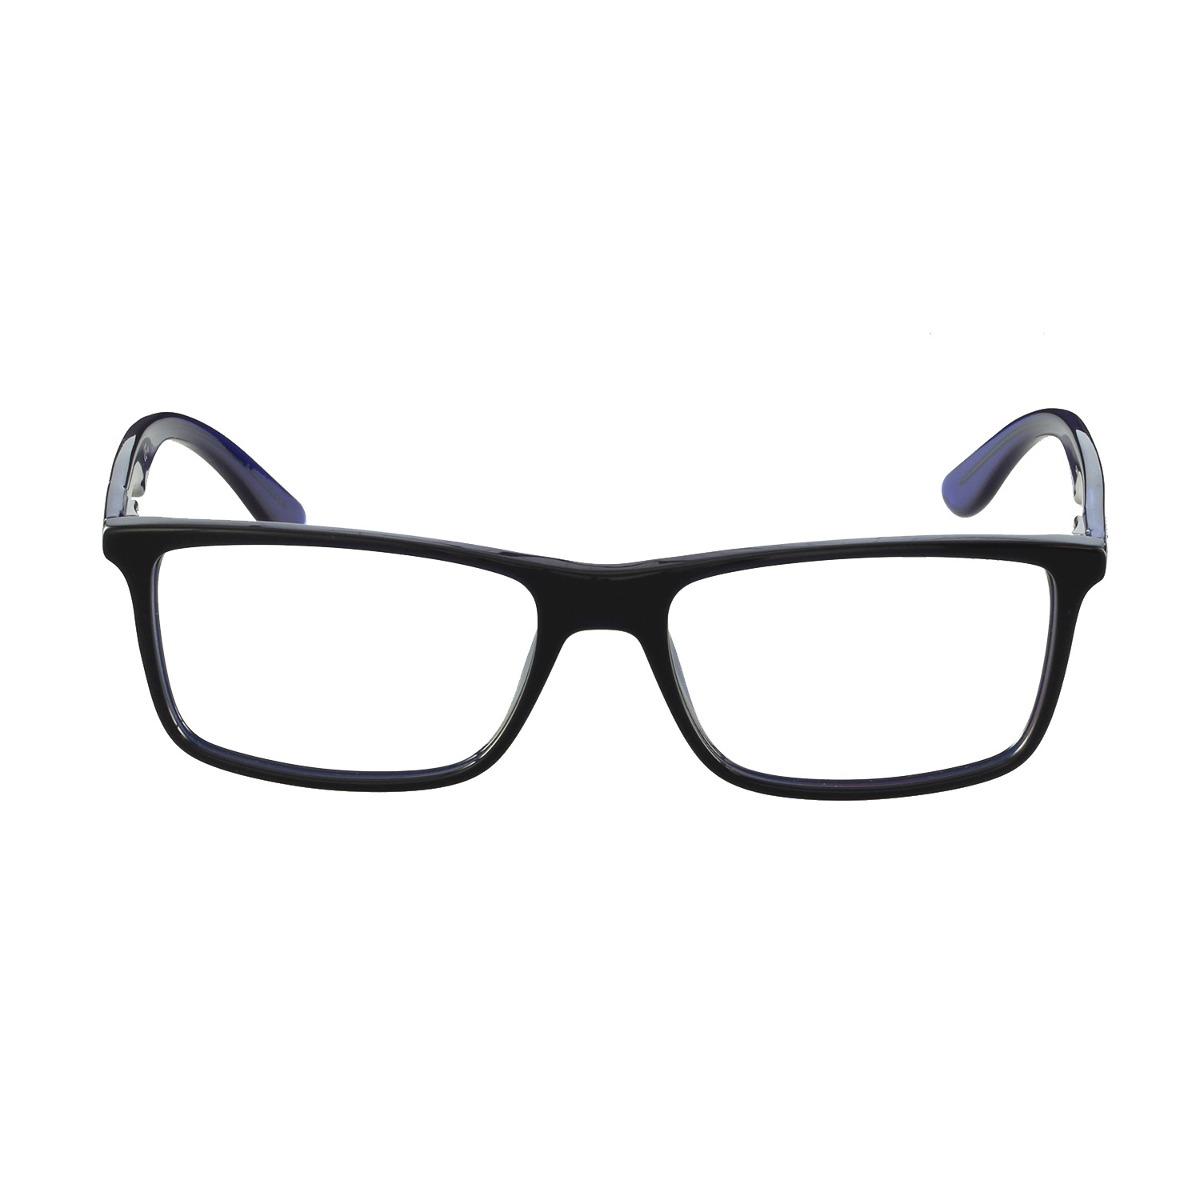 ffdc49c766439 Óculos De Grau Masculino Carrera Casual Preto - R  450,00 em Mercado ...